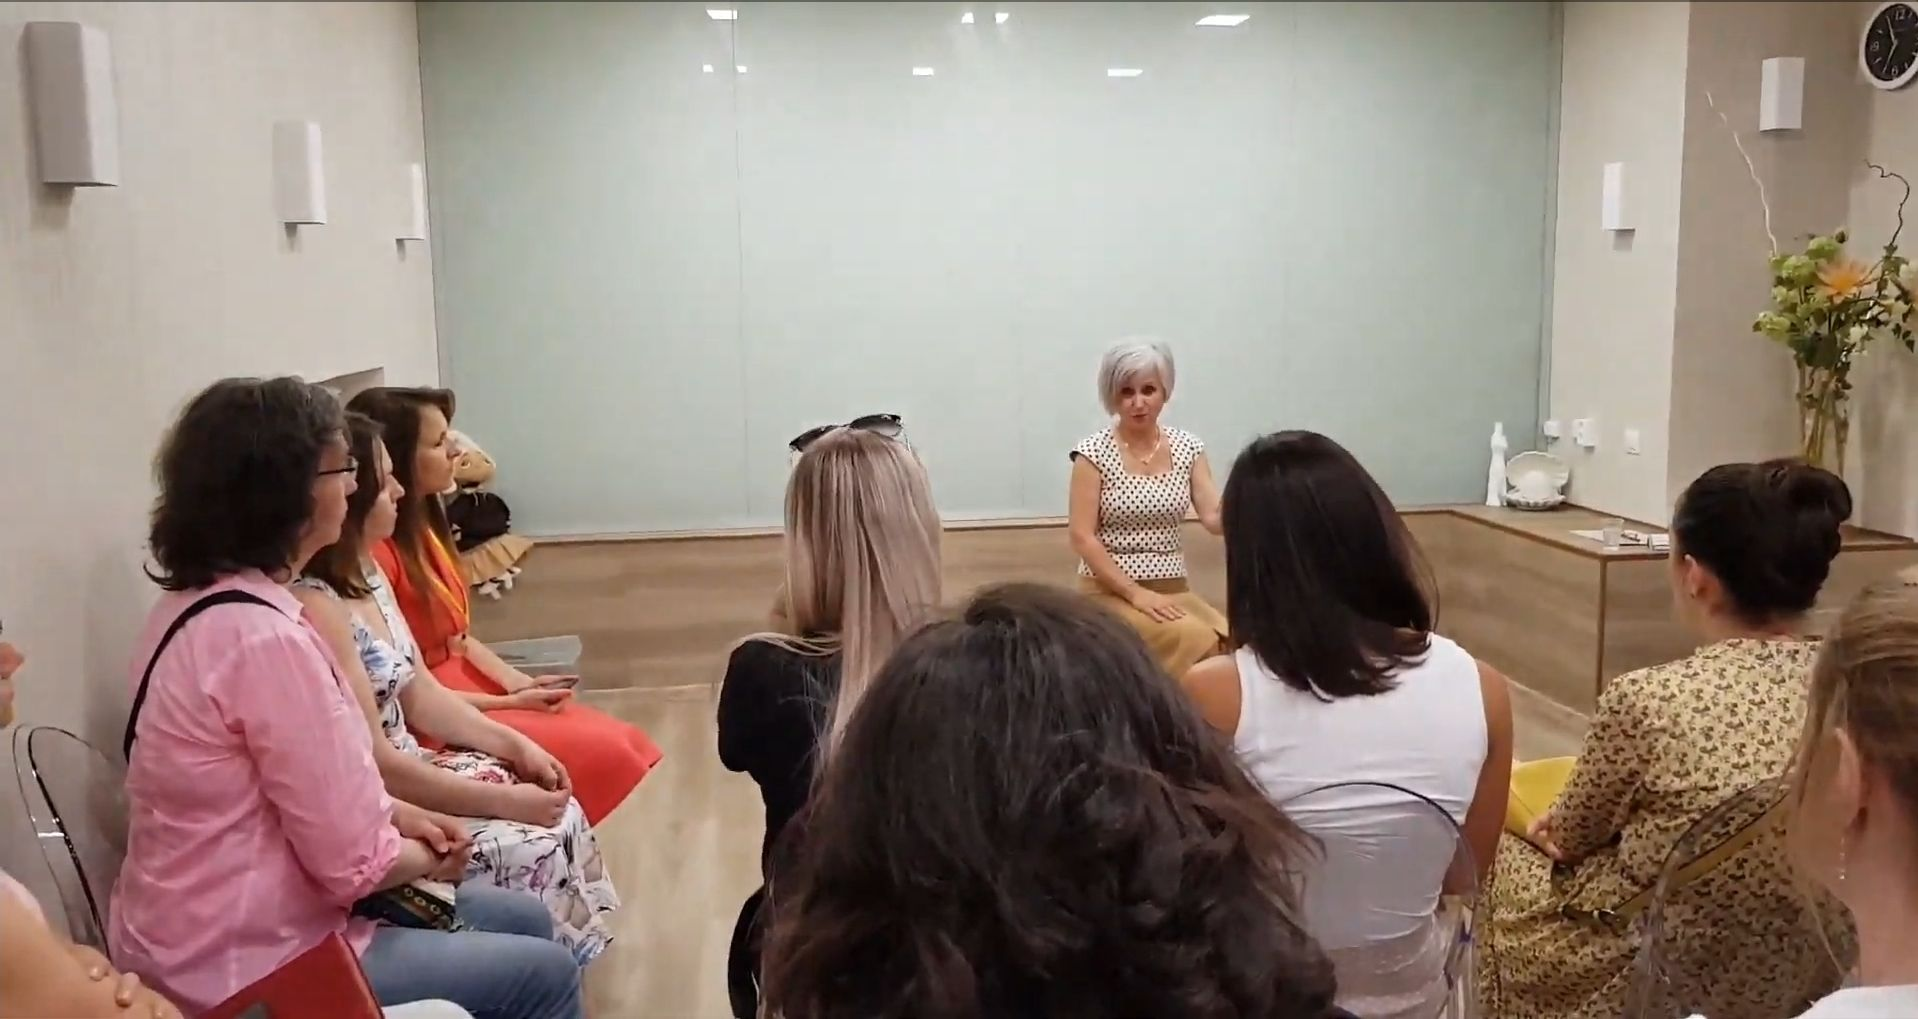 Встреча «Время вопросов и ответов с Валентиной Саматовой» состоится в четверг, 22 августа, с 18 до 20 часов. Вход на встречу бесплатный!